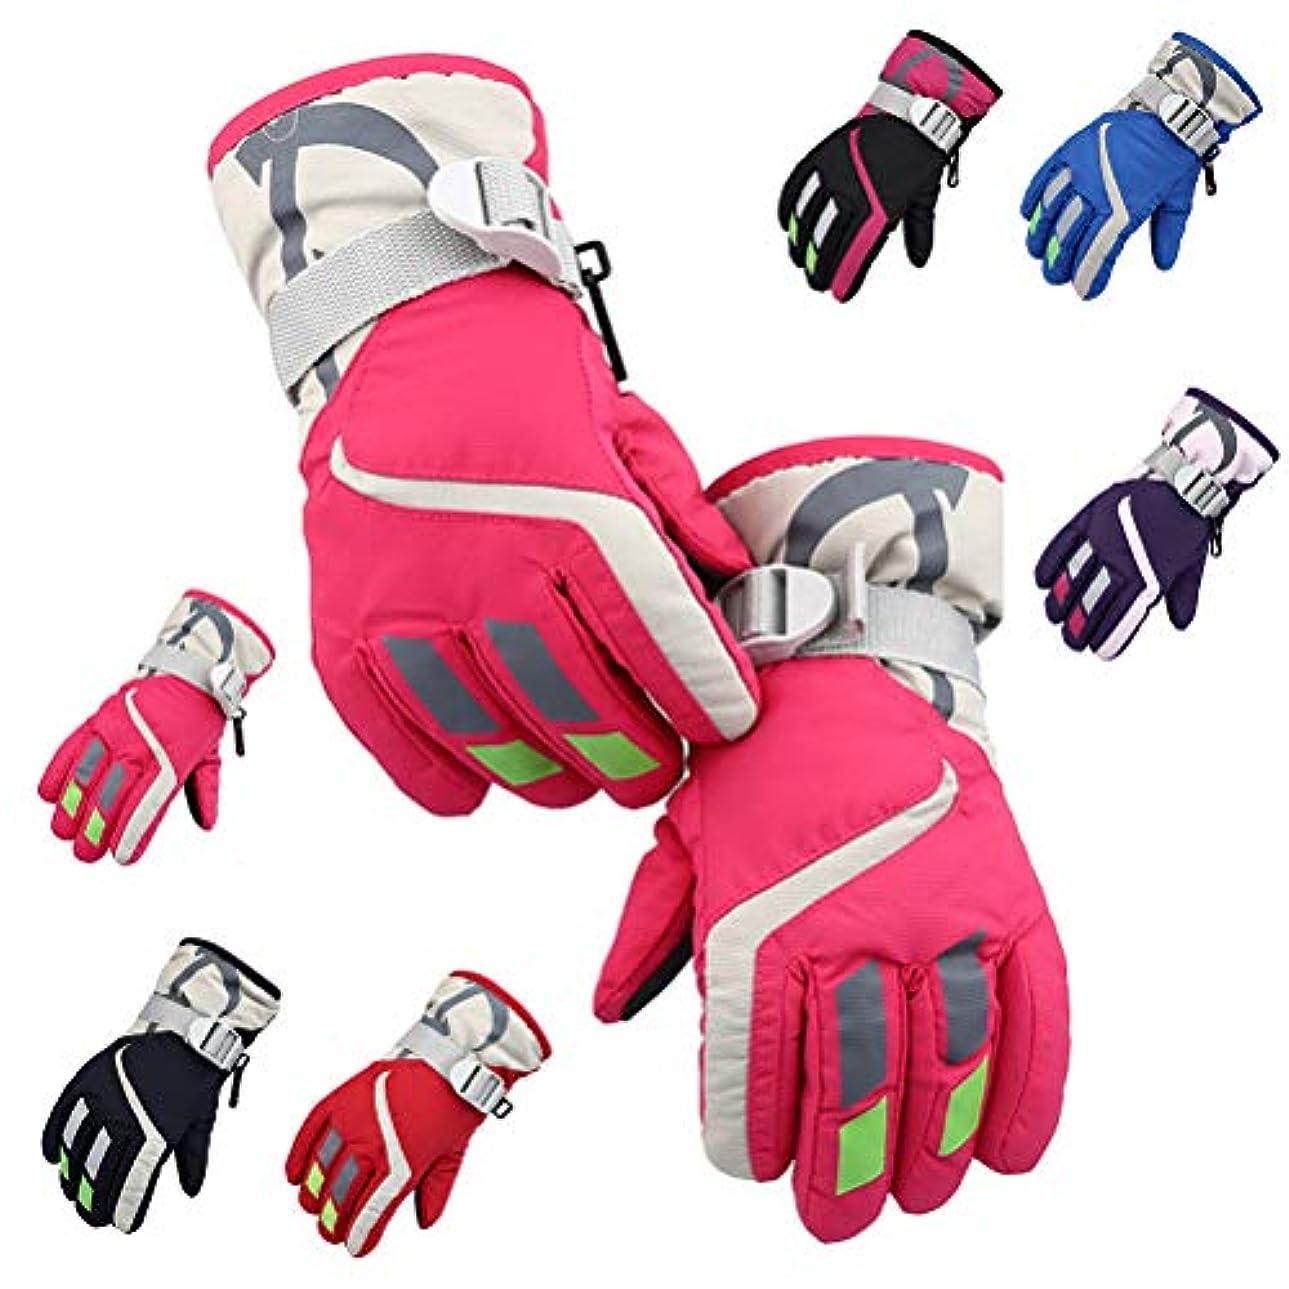 コーチと遊ぶ電話するBlight スポーツグローブ子供用スキー手袋冬は、暖かい手袋調節可能な耐寒性手袋厚く防寒グローブ 保温 冬 厚手 革 防寒